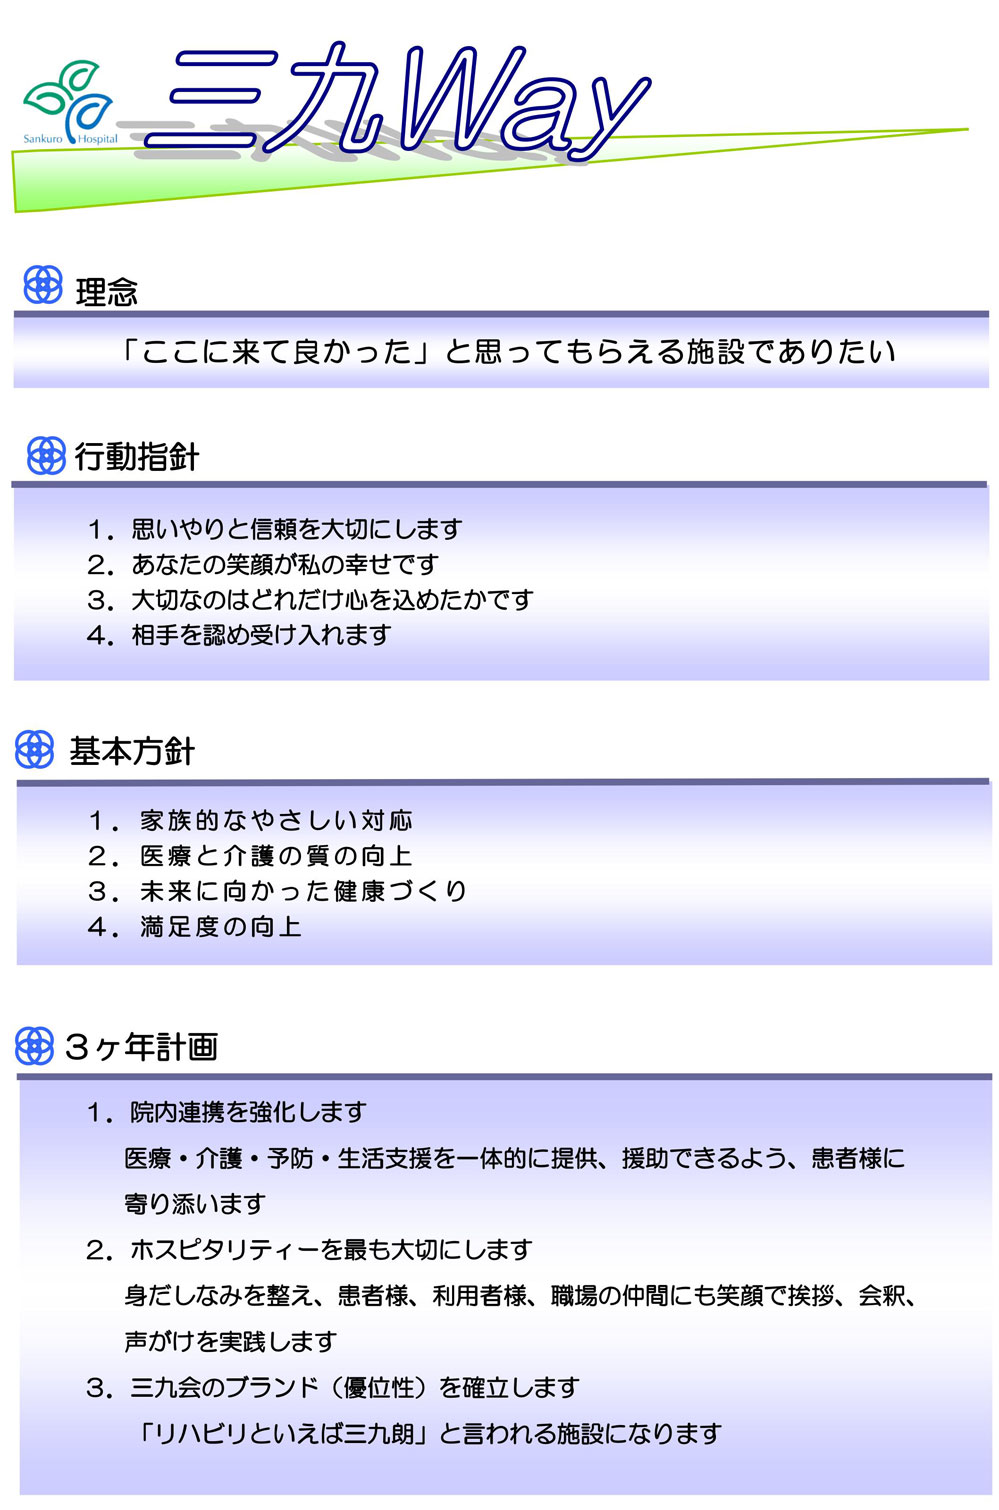 豊田 愛知 市 コロナ 感染 県